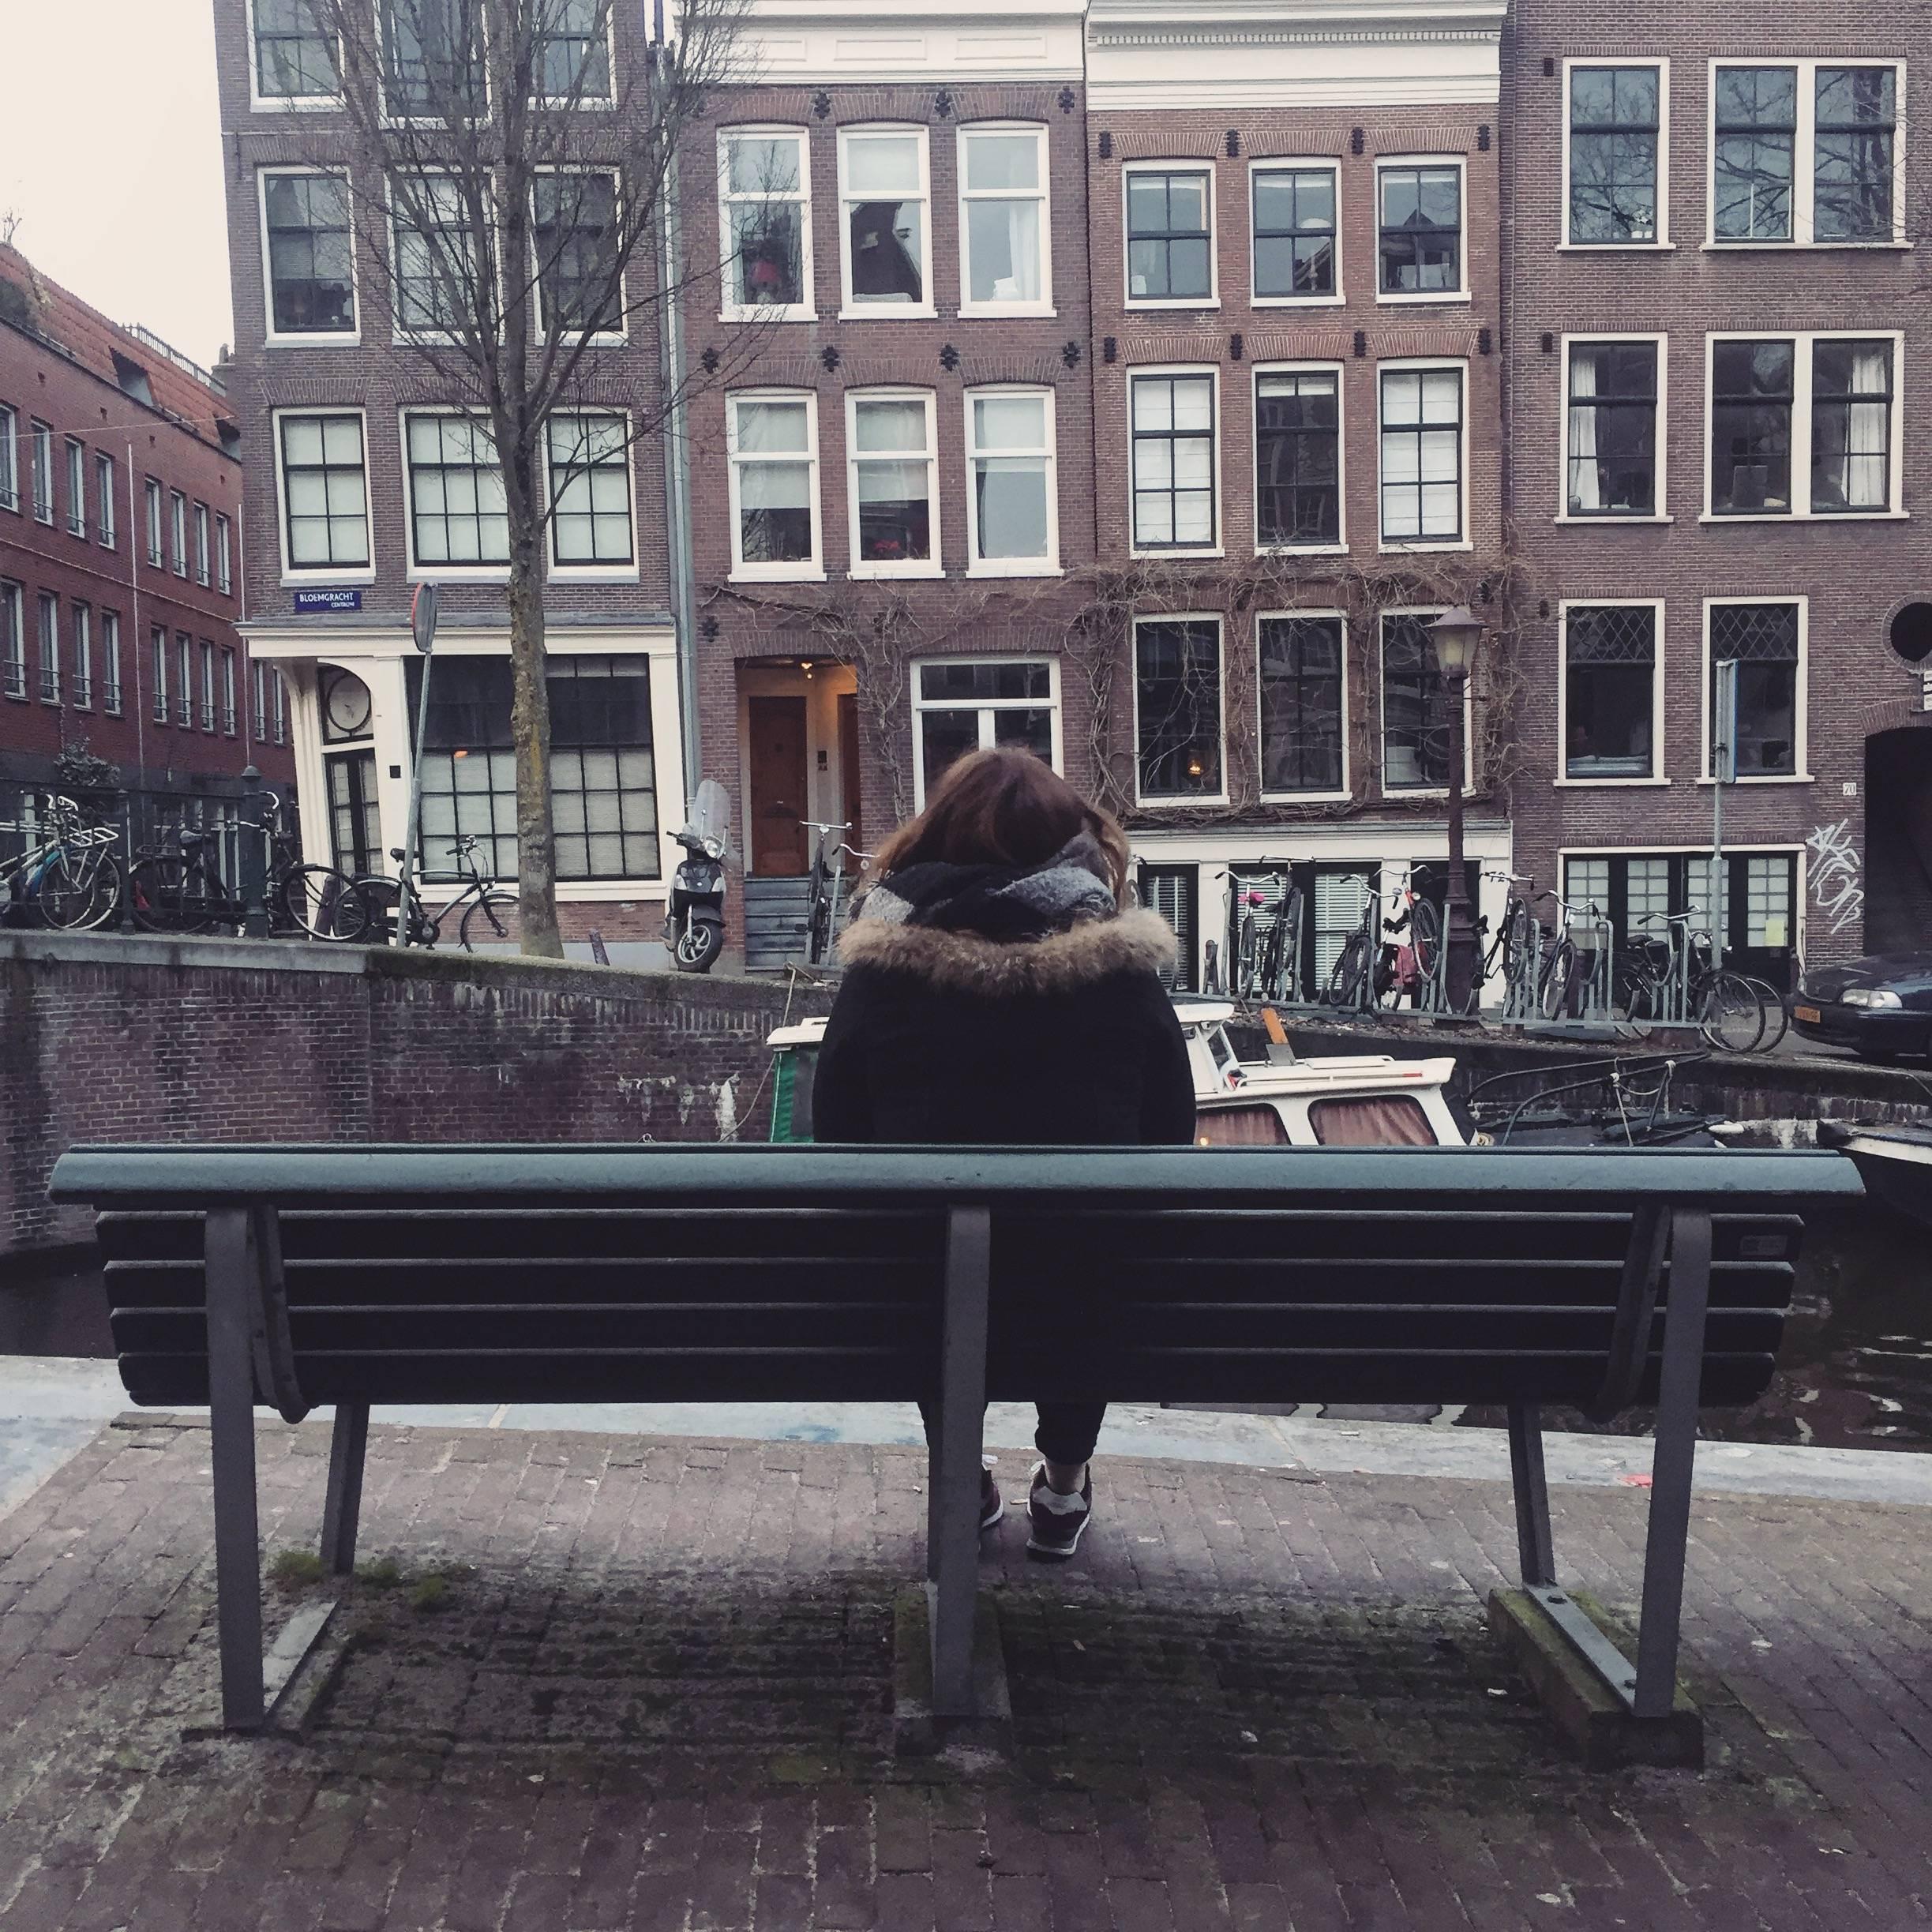 Photo 2: Se perdre dans les rues d'Amsterdam